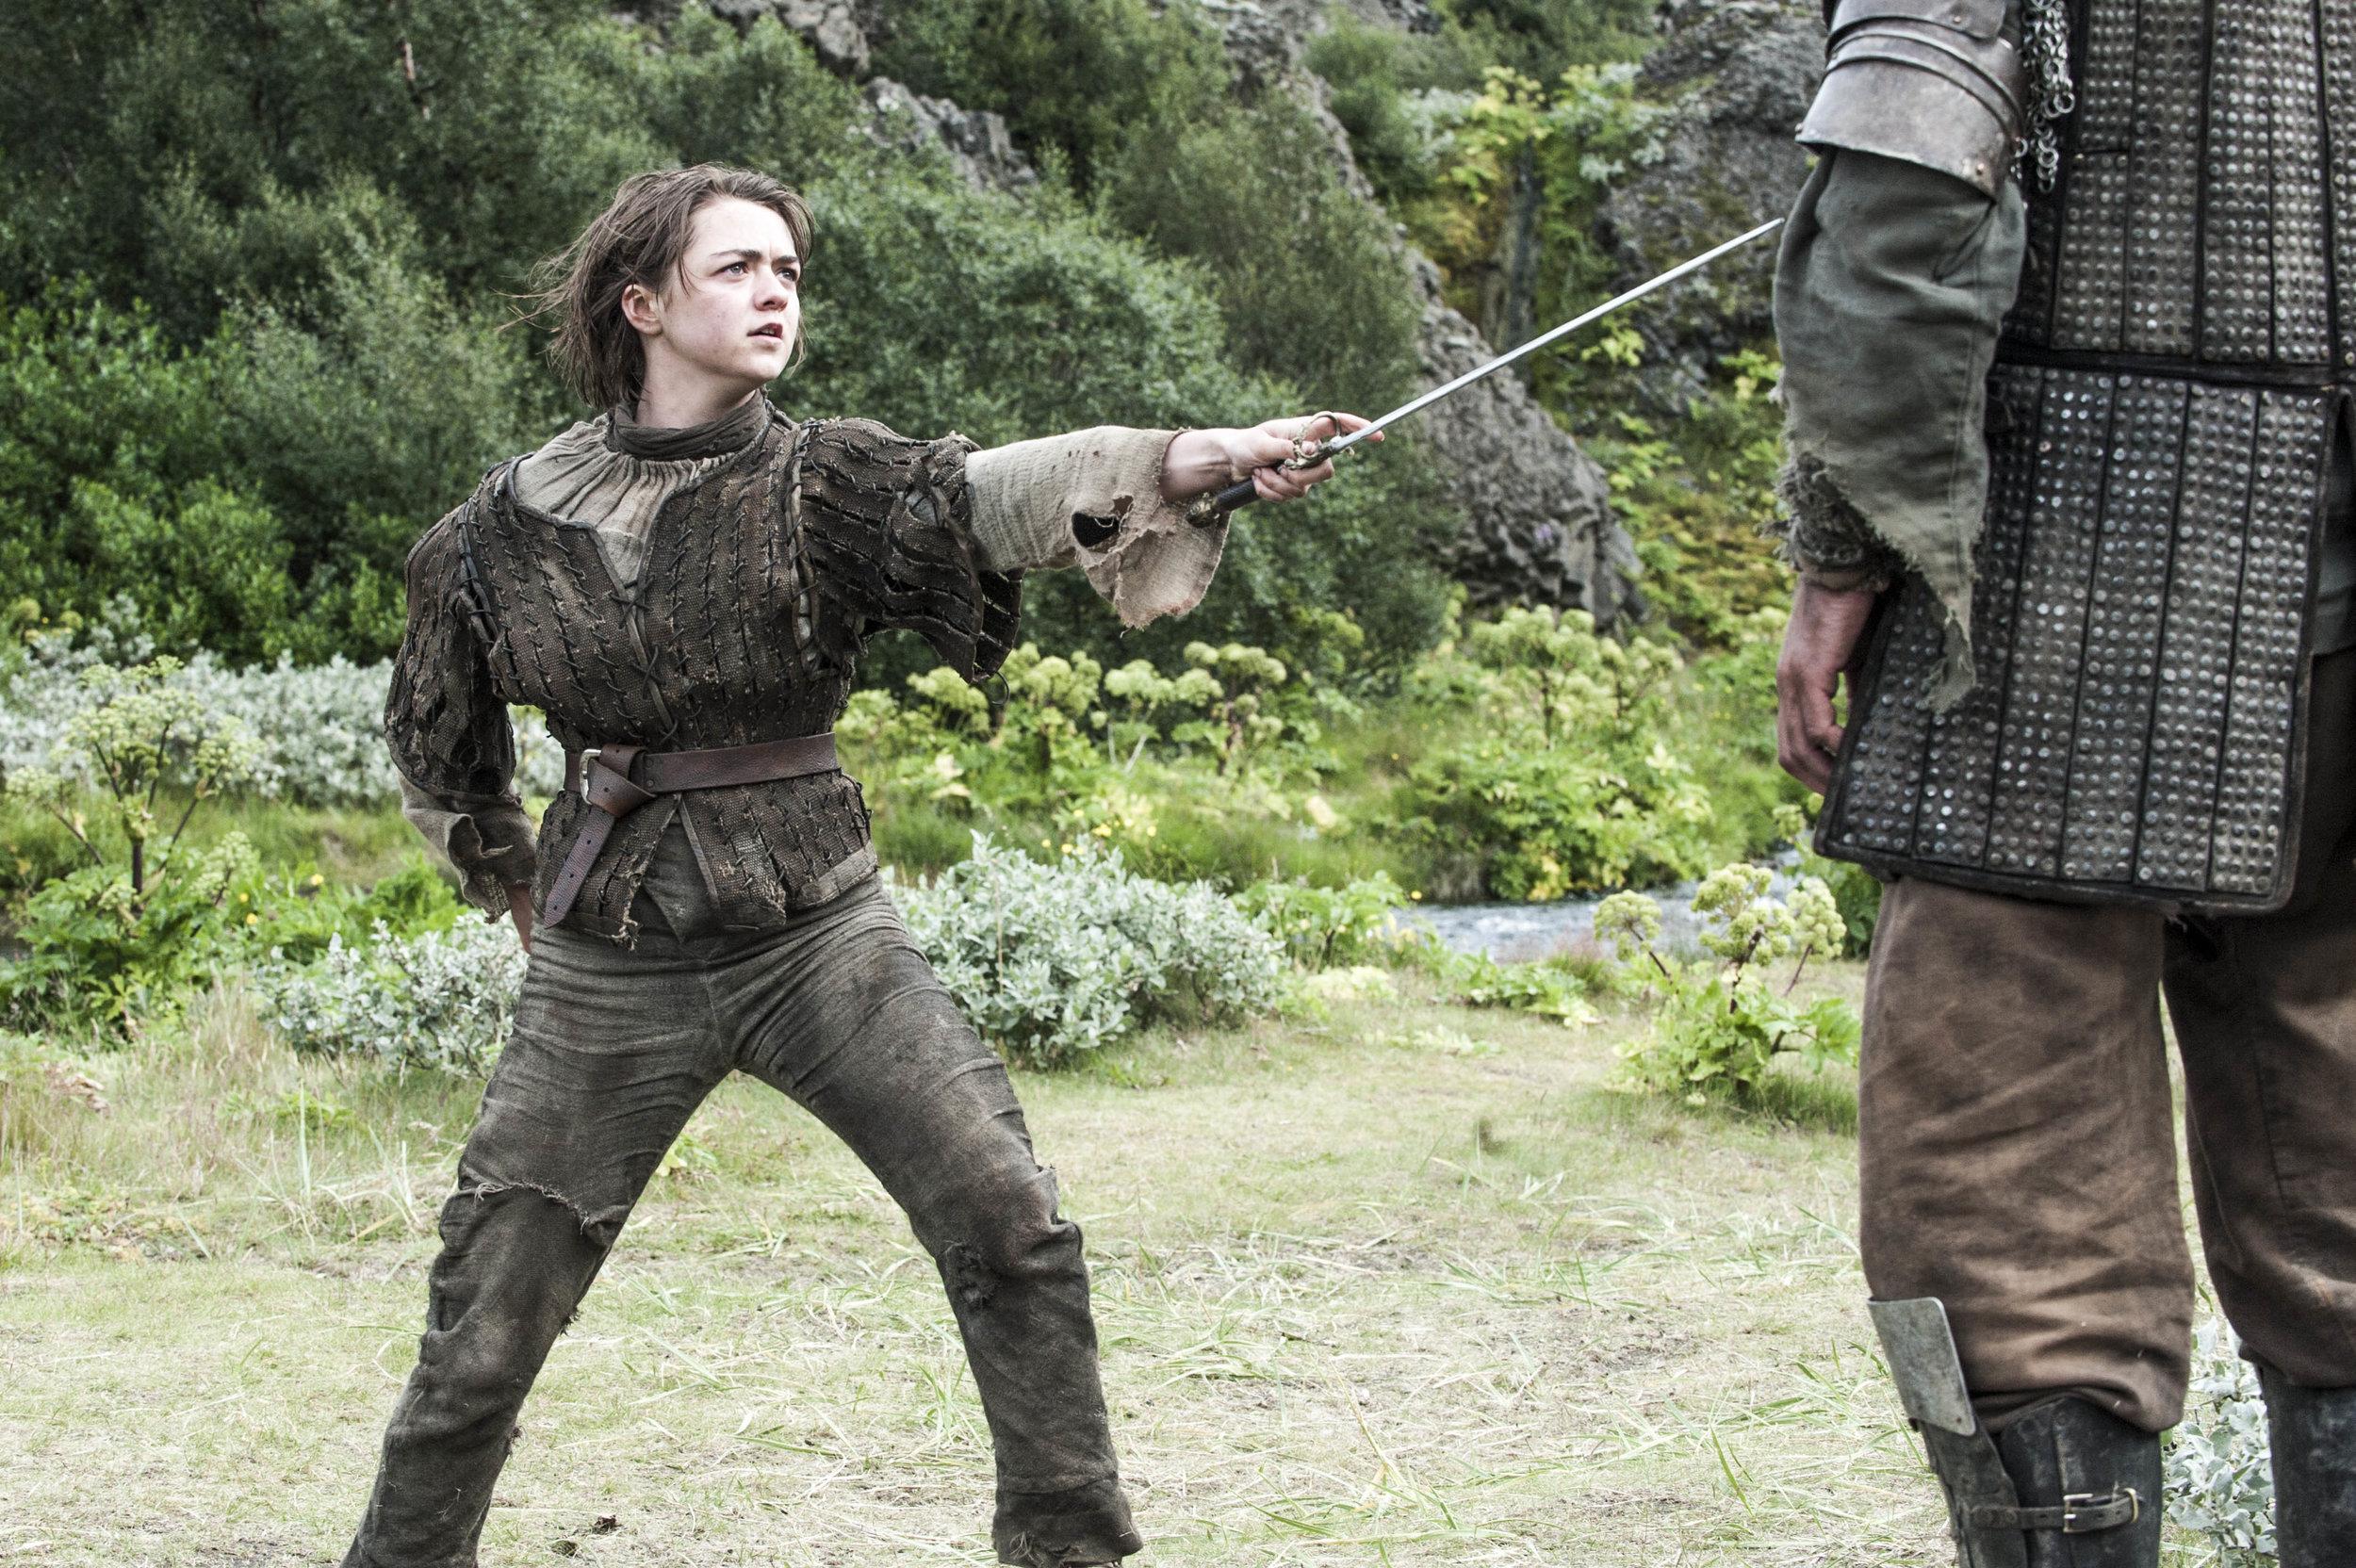 Arya Stark with her Needle - HBO